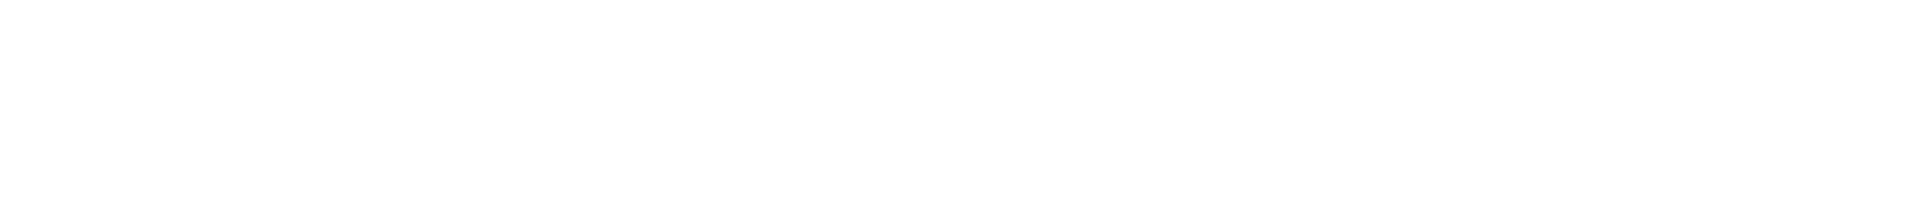 Come organizzare un viaggio on the road sulla Great Ocean Road